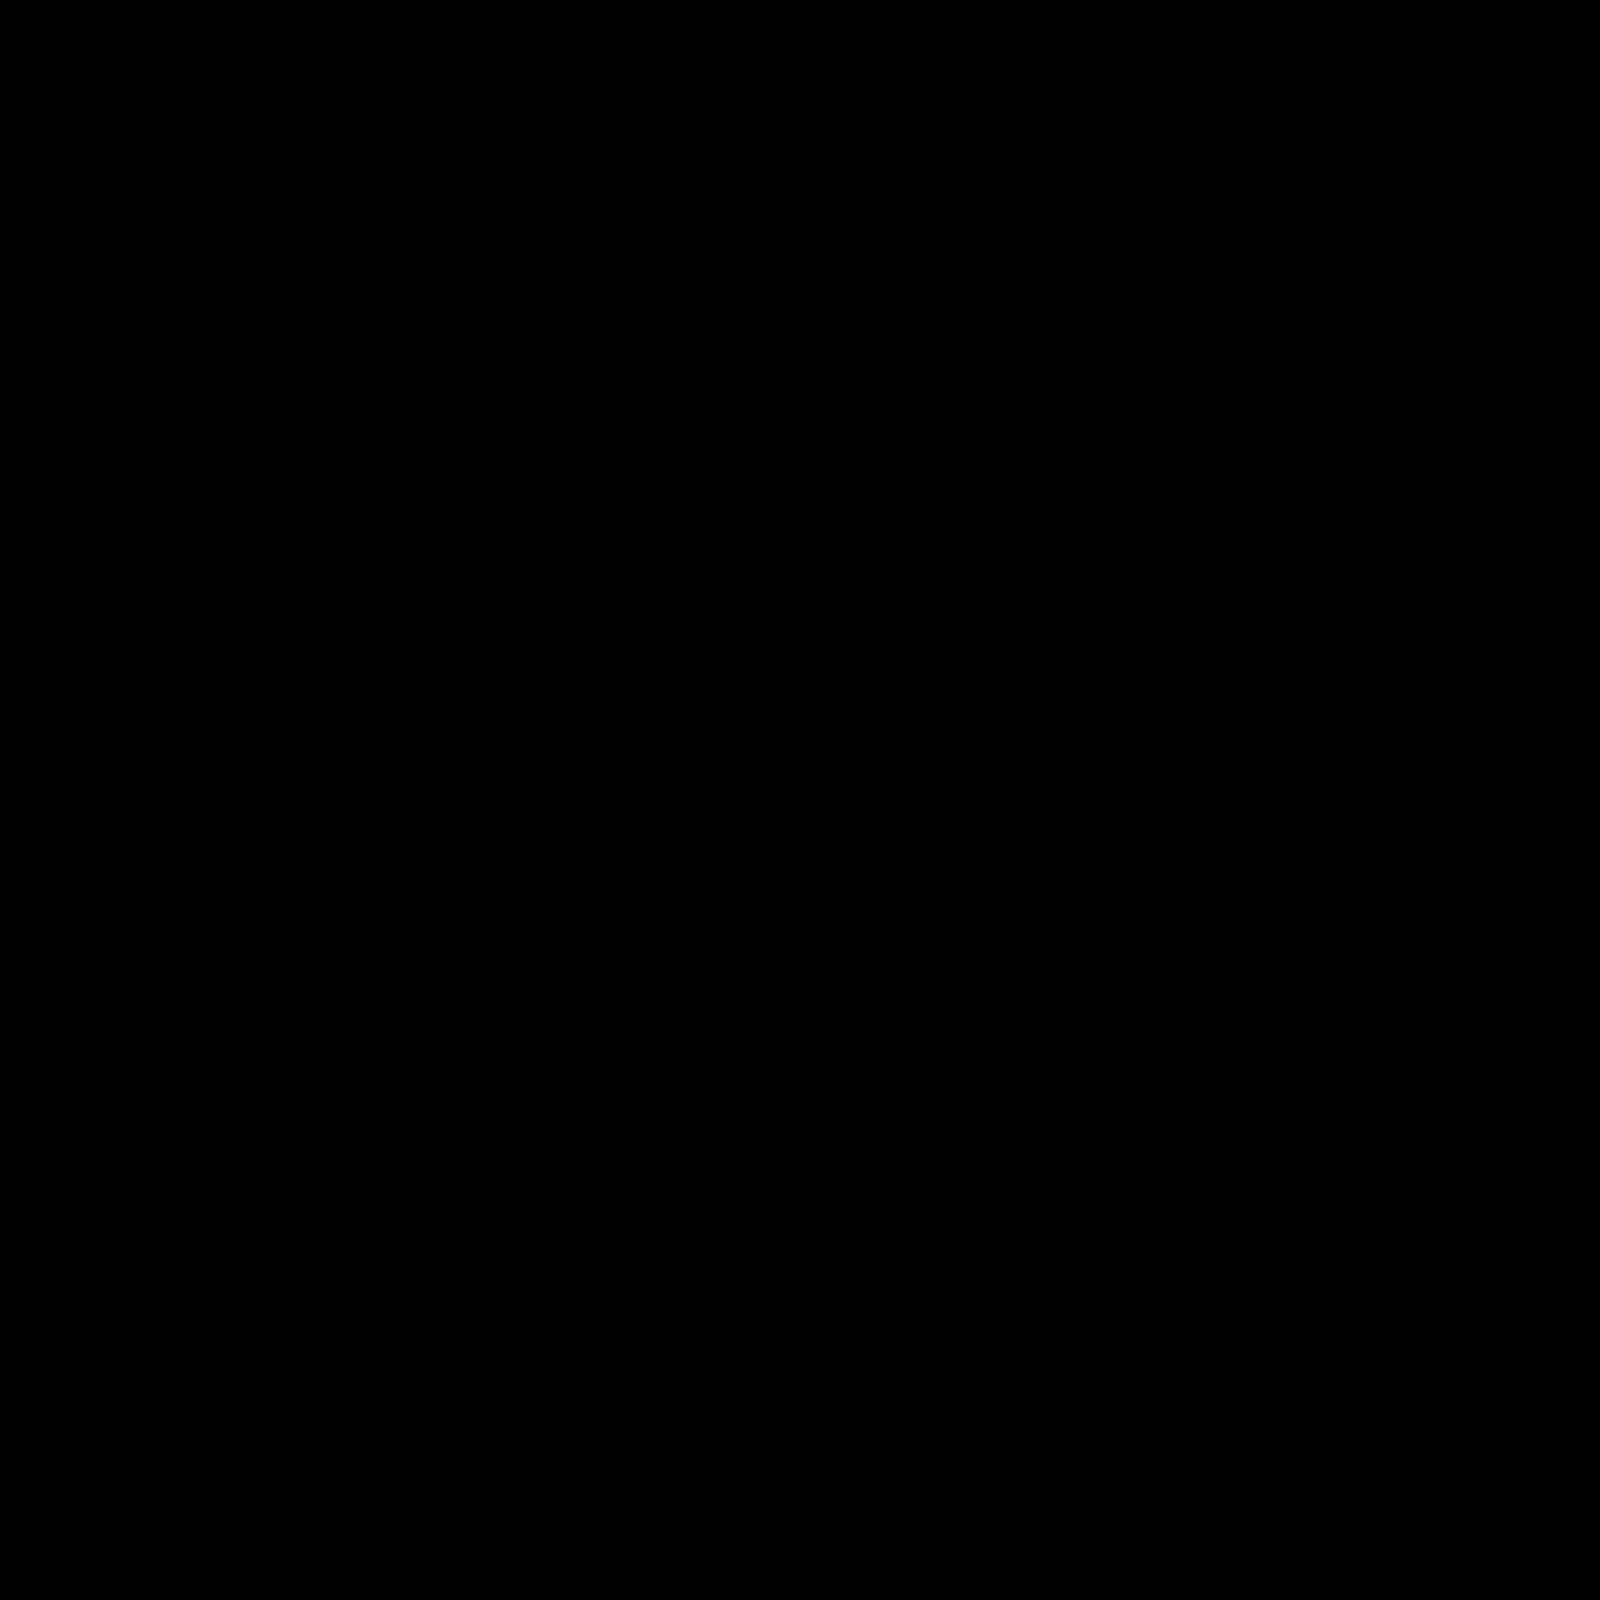 Last icon